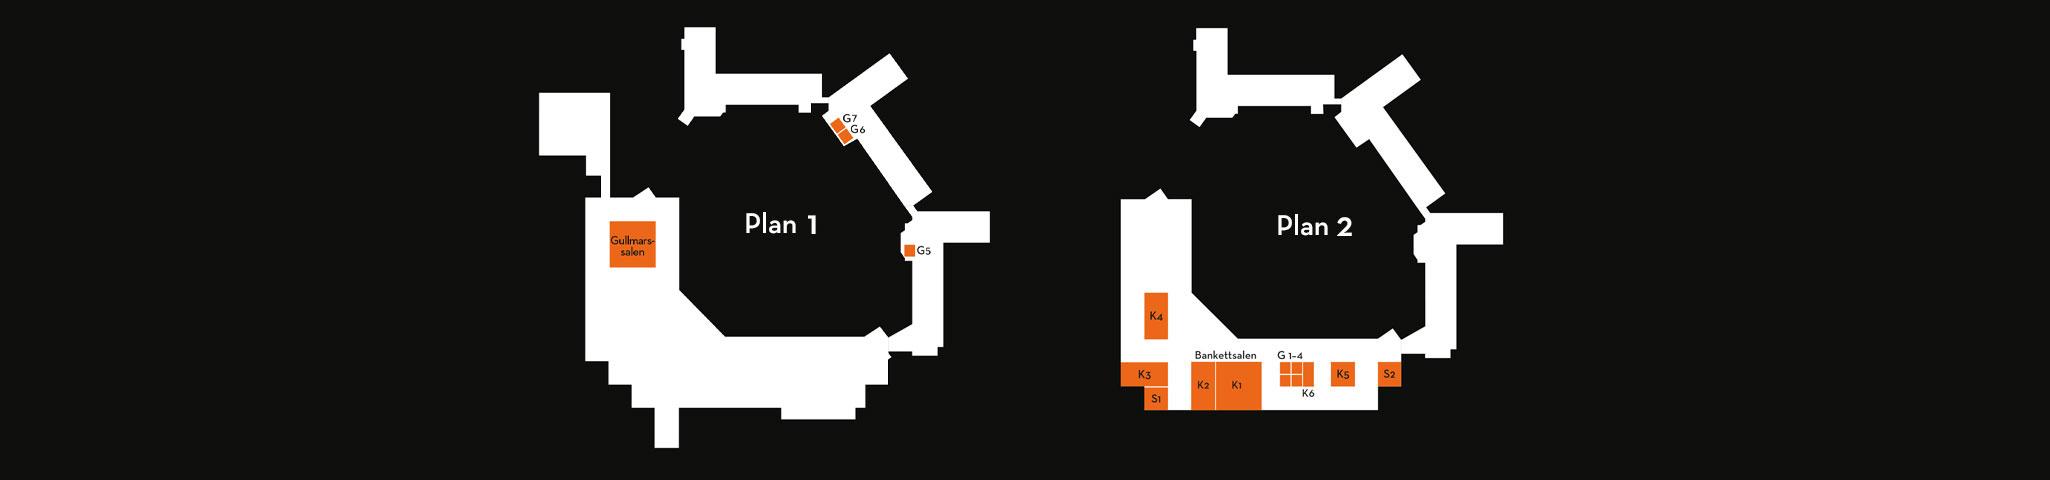 Konferenslokaler, skissar och planritning pa konferenslokaler pa vann spa hotell och konferens